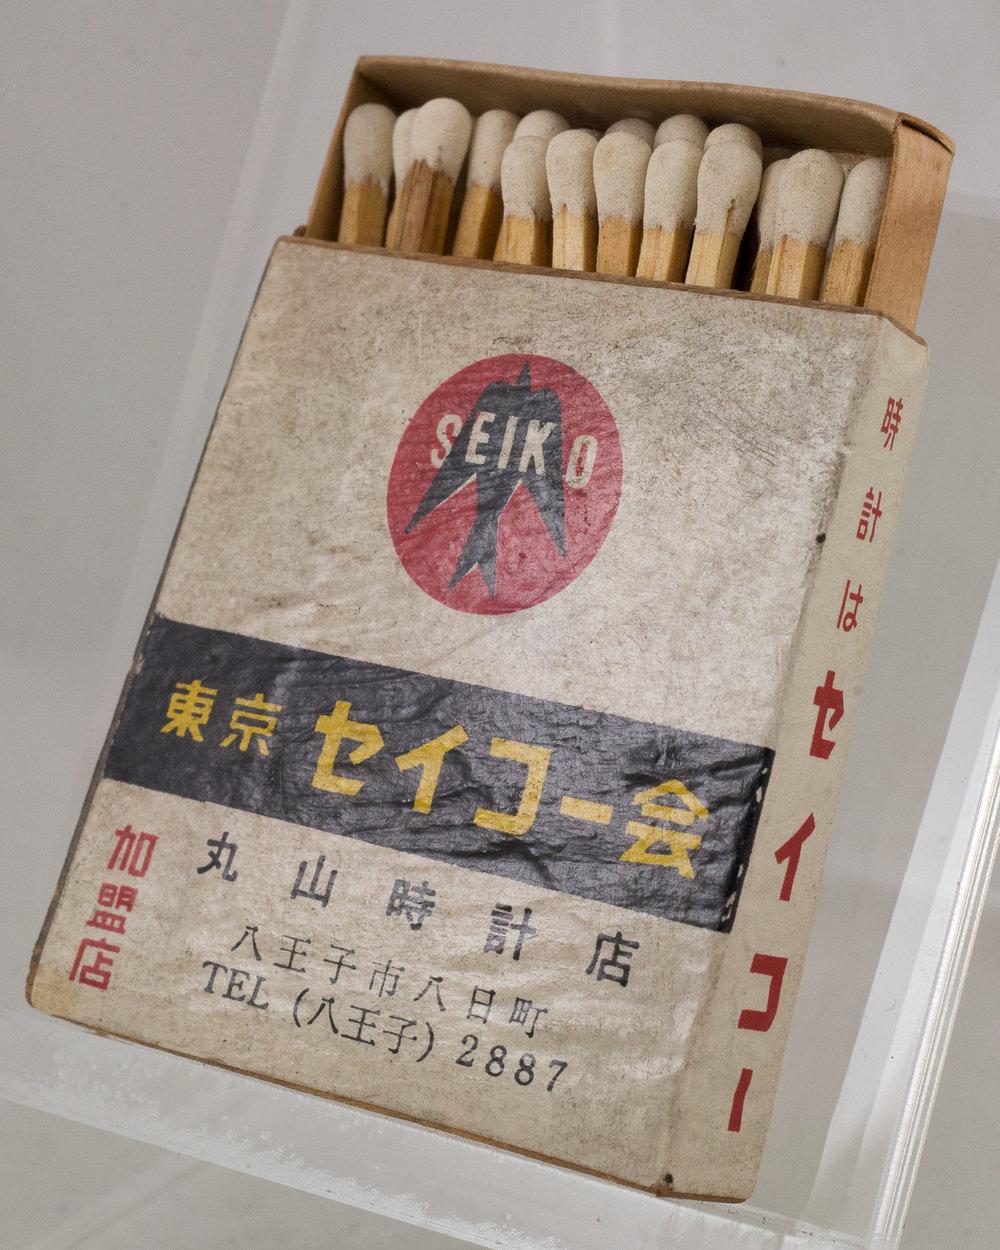 Tokyo Seiko Association